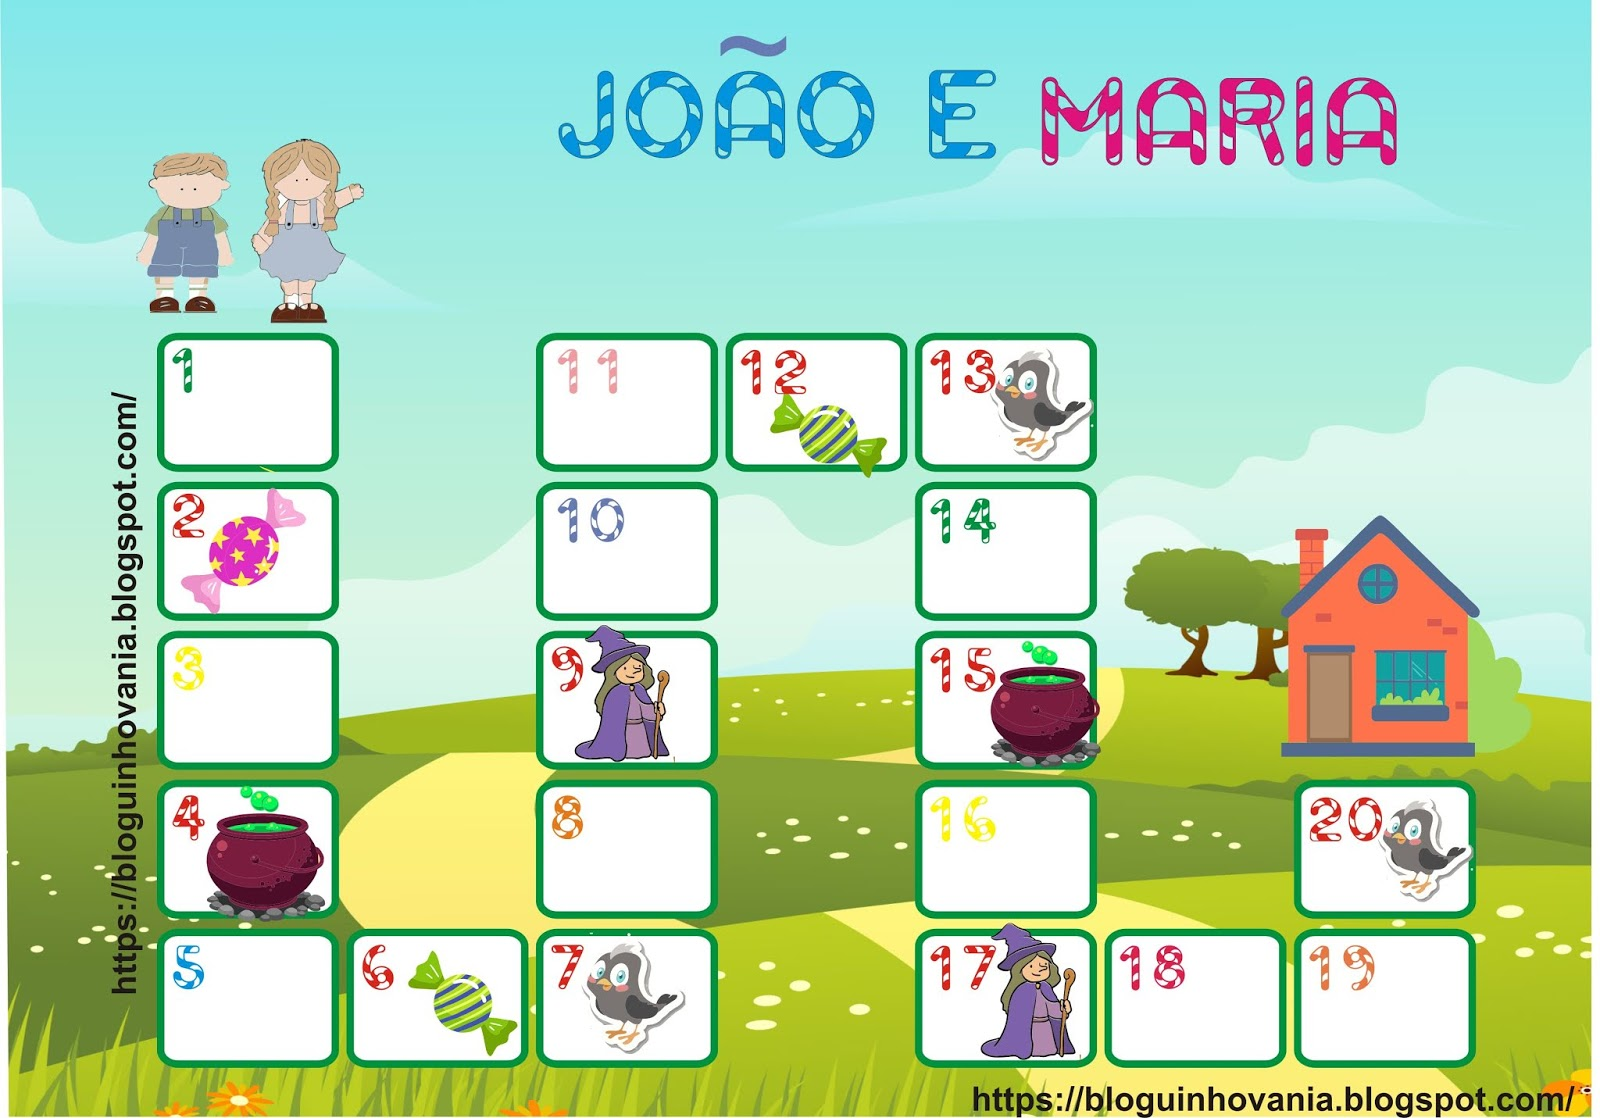 Bloguinho Da Vania Jogo De Trilha Joao E Maria